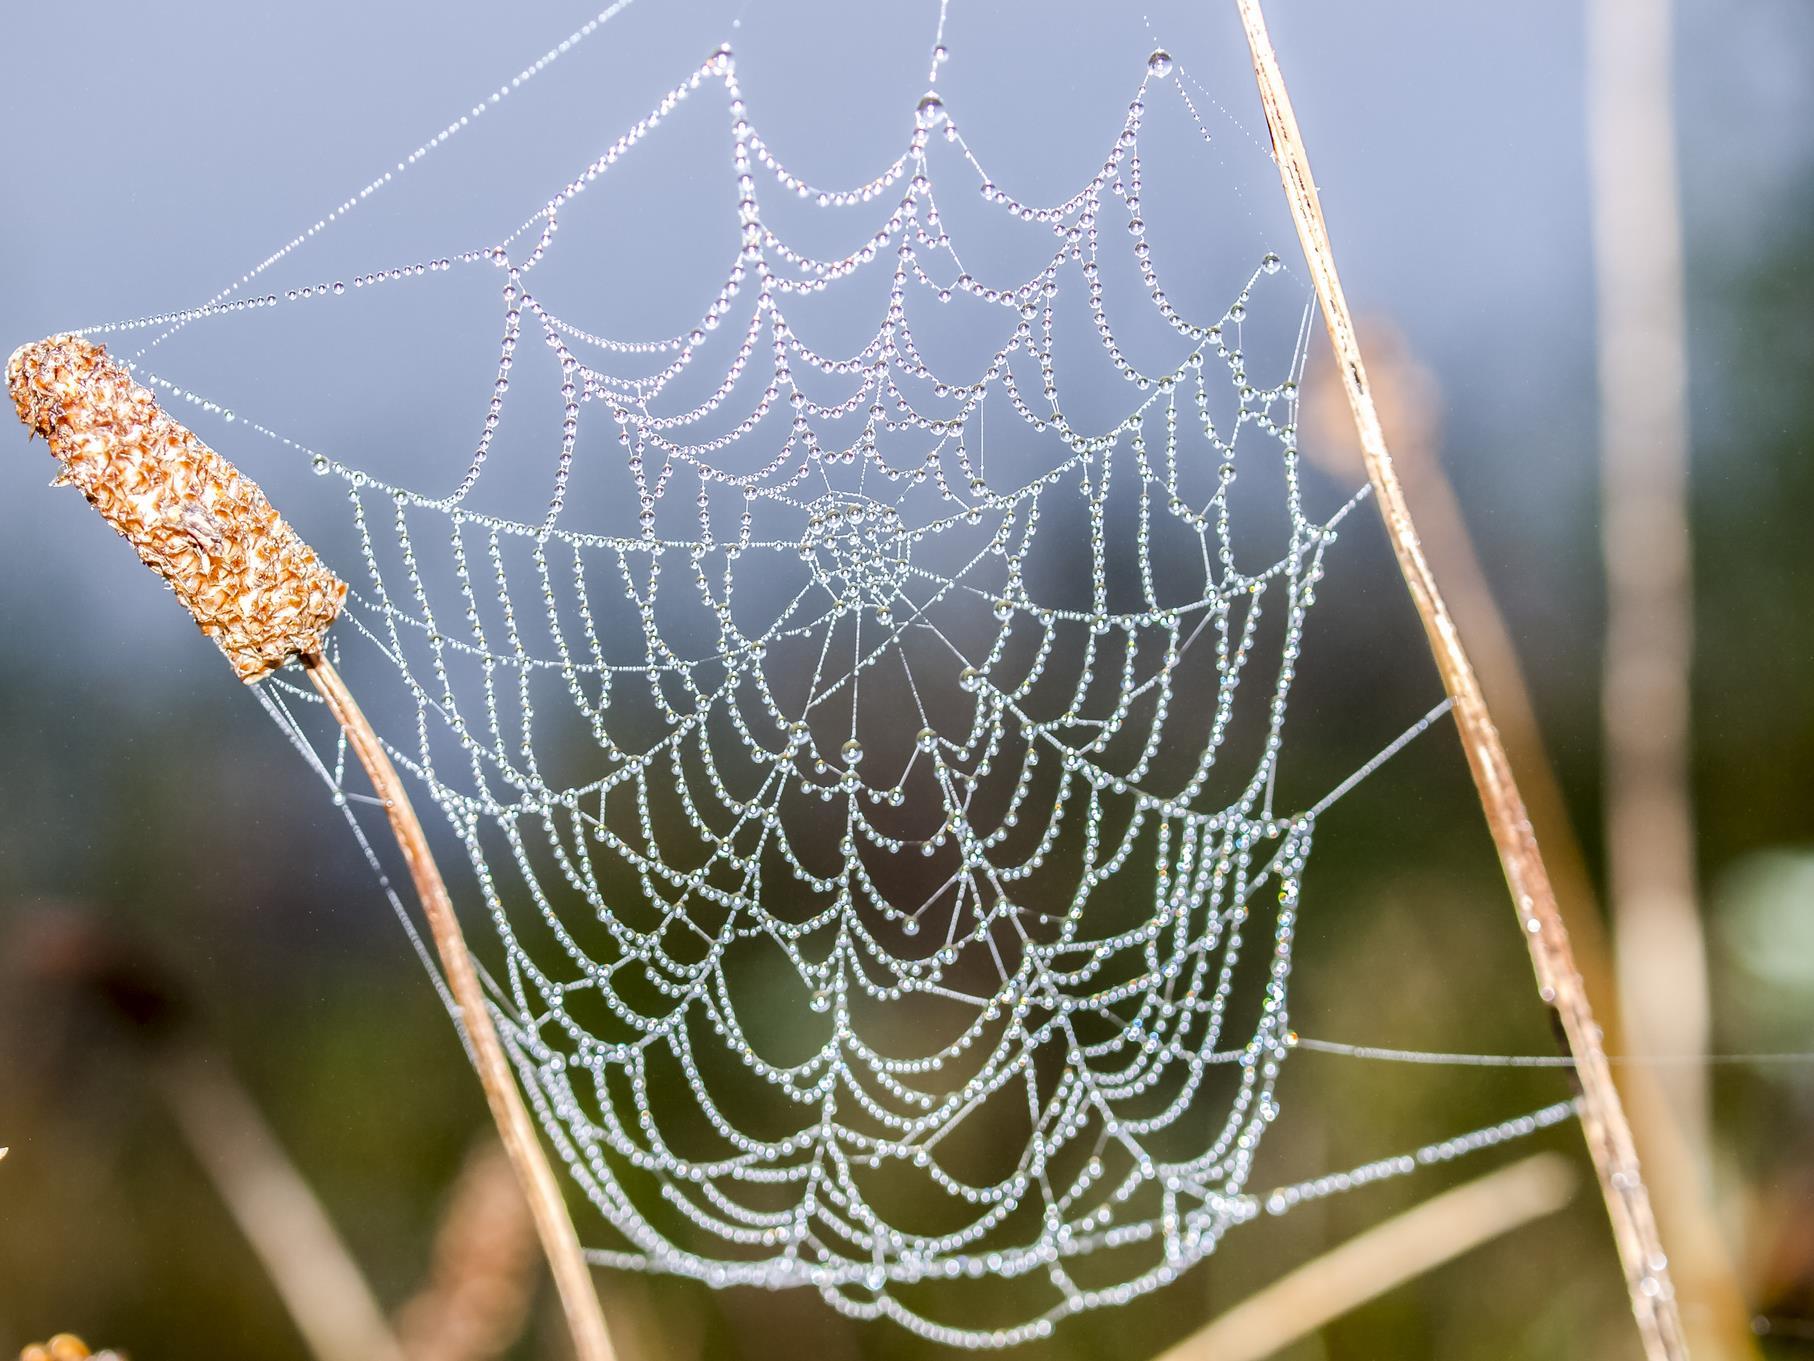 Ein Spinnennetz mit Morgentau.